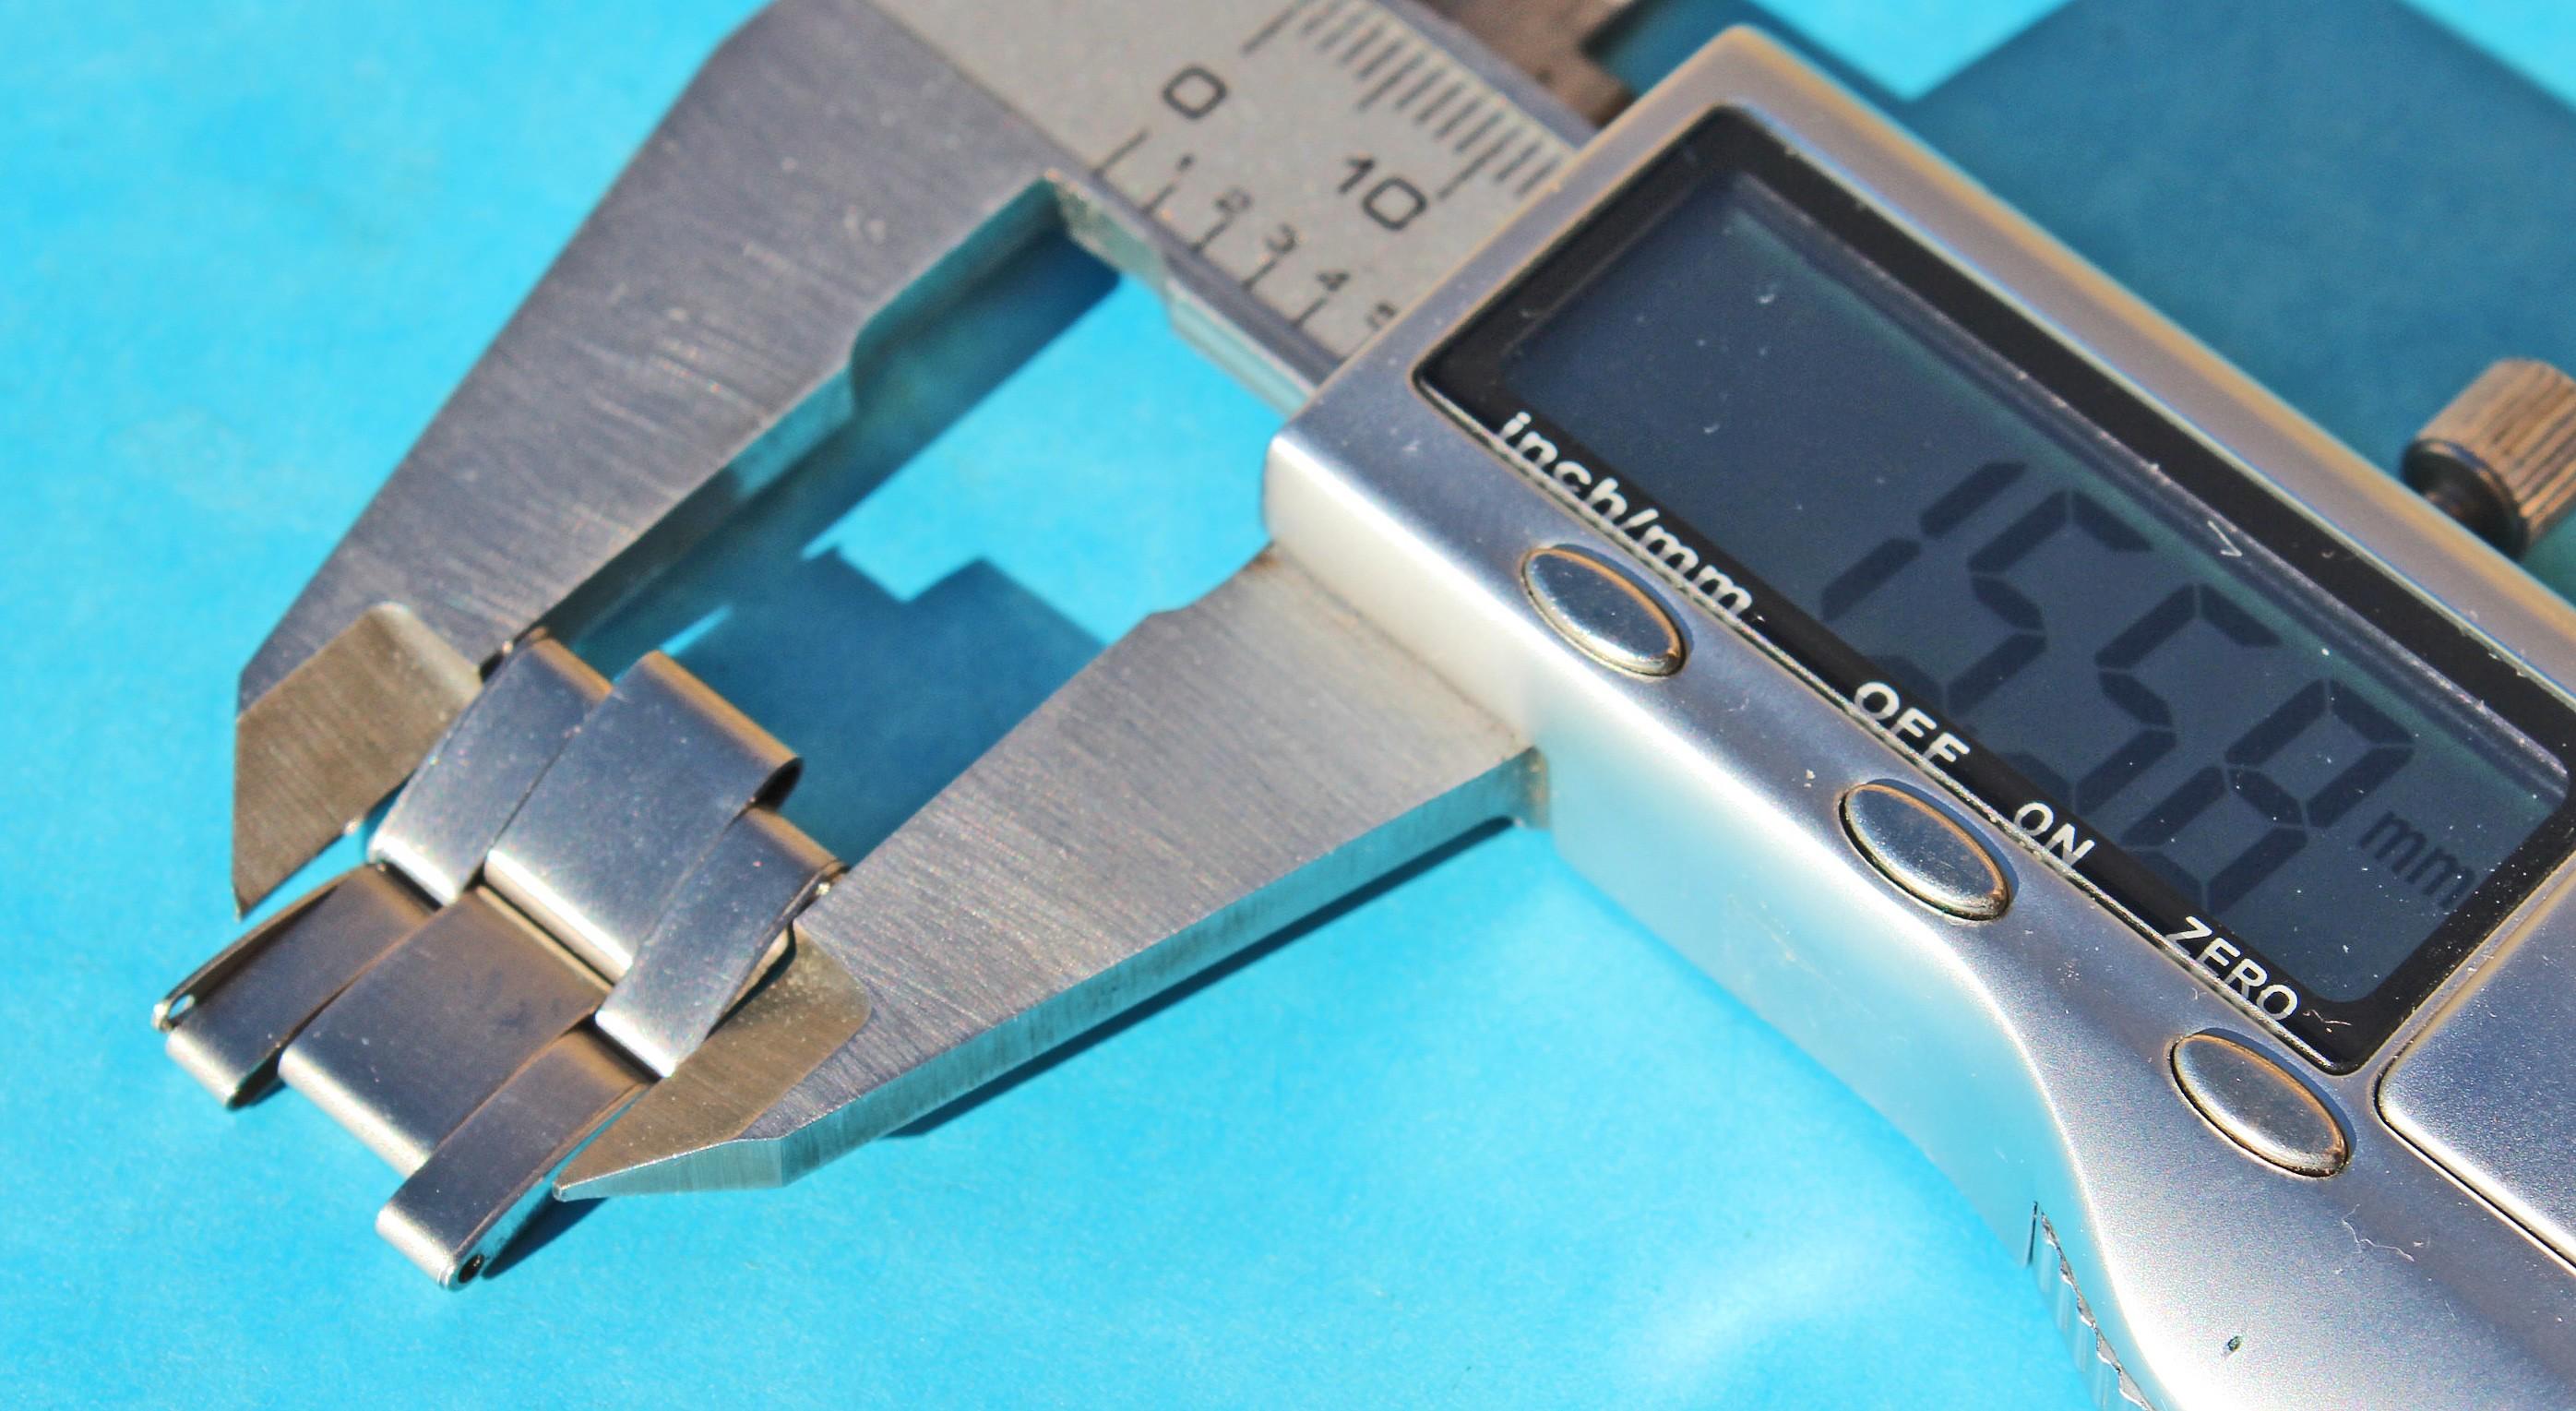 2x MAILLONS RIVETS 7205 -19mm ACIER ROLEX TUDOR BRACELET VINTAGE A RESTAURER